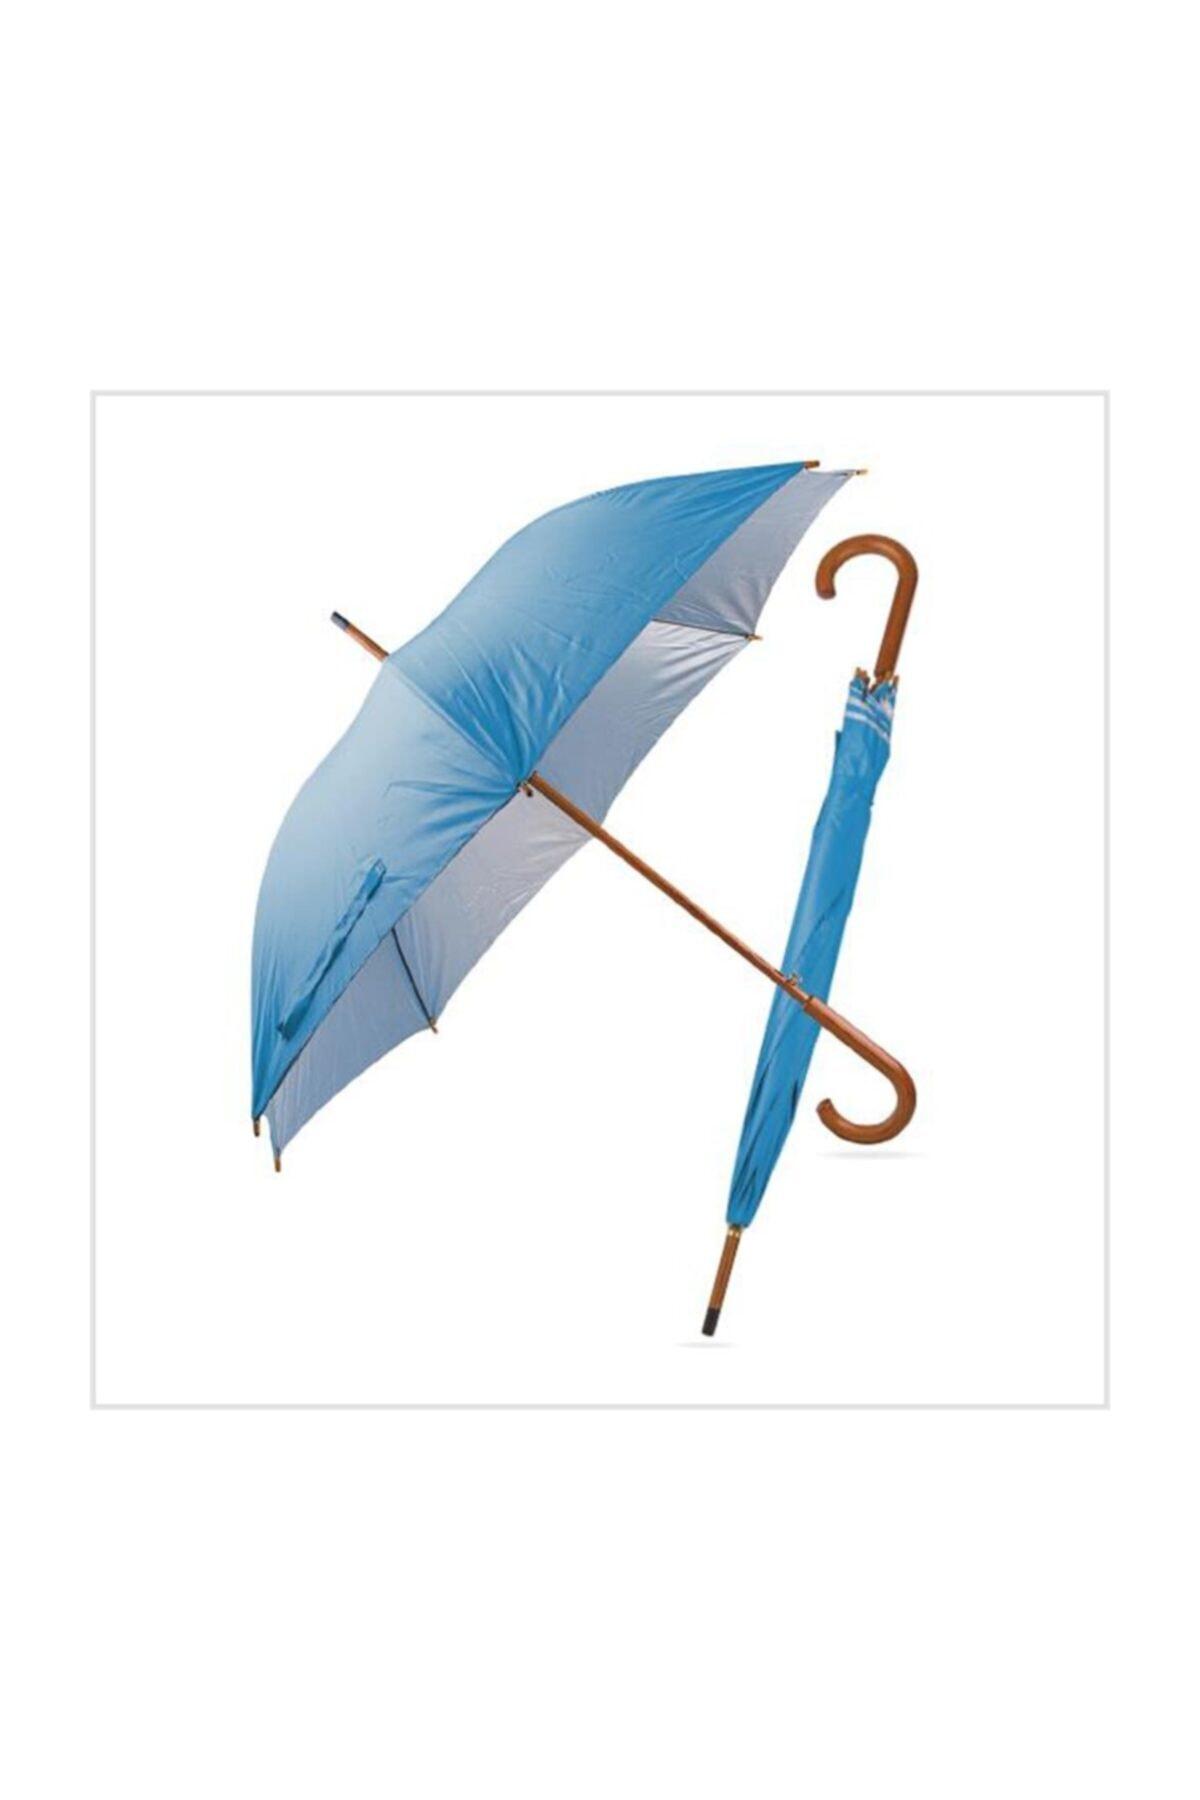 TREND Ahşap Saplı Fiber Glass Kırılmaz Şemsiye (mavi) 1